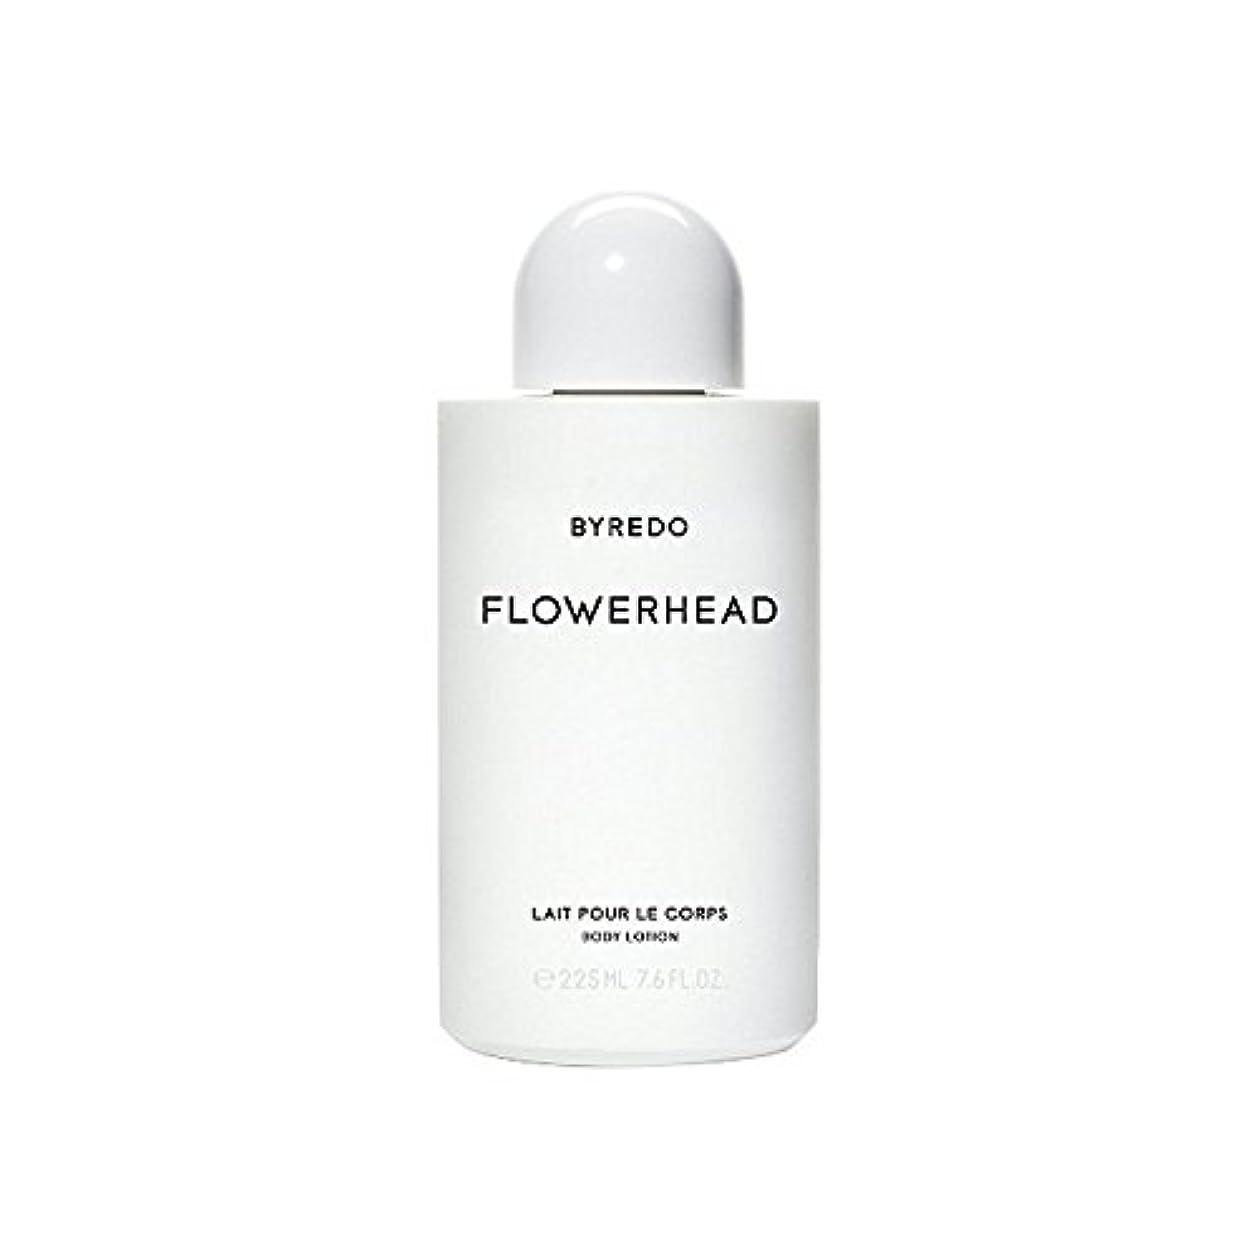 排出ジューストチの実の木ボディローション225ミリリットル x2 - Byredo Flowerhead Body Lotion 225ml (Pack of 2) [並行輸入品]